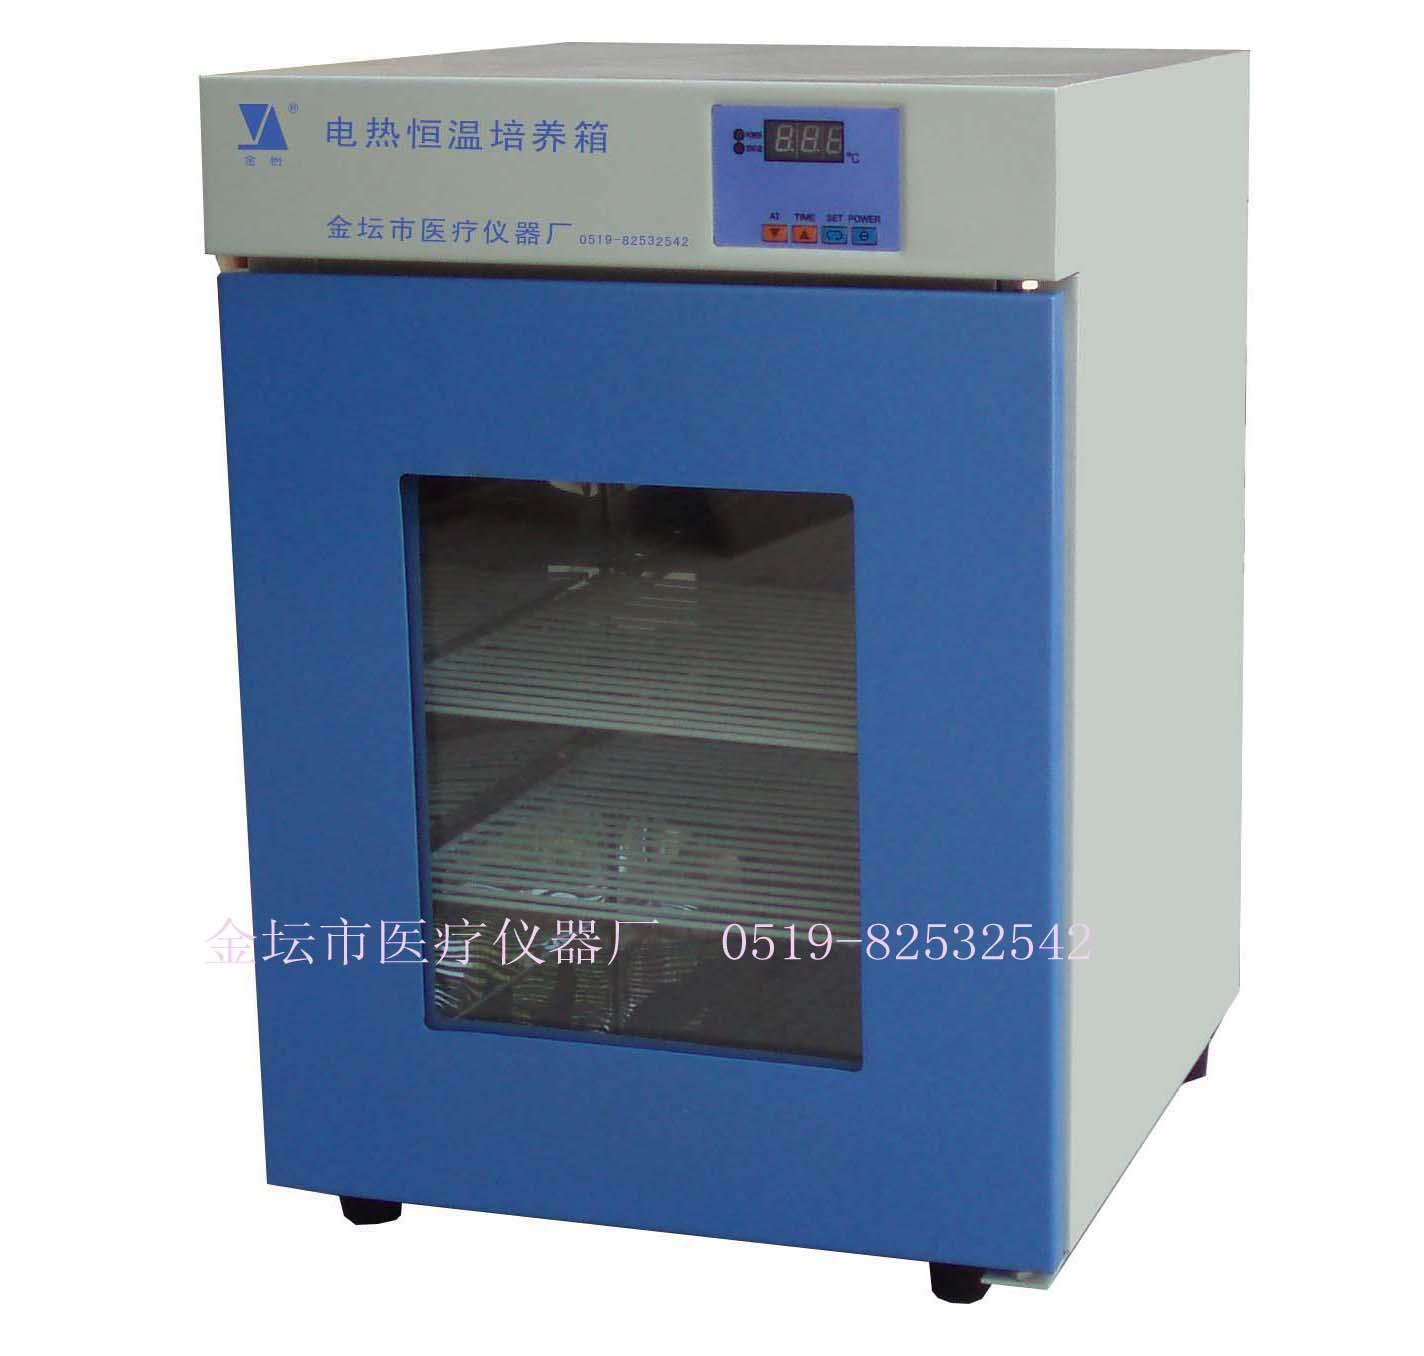 江苏金坛DHP-260电热恒温培养箱